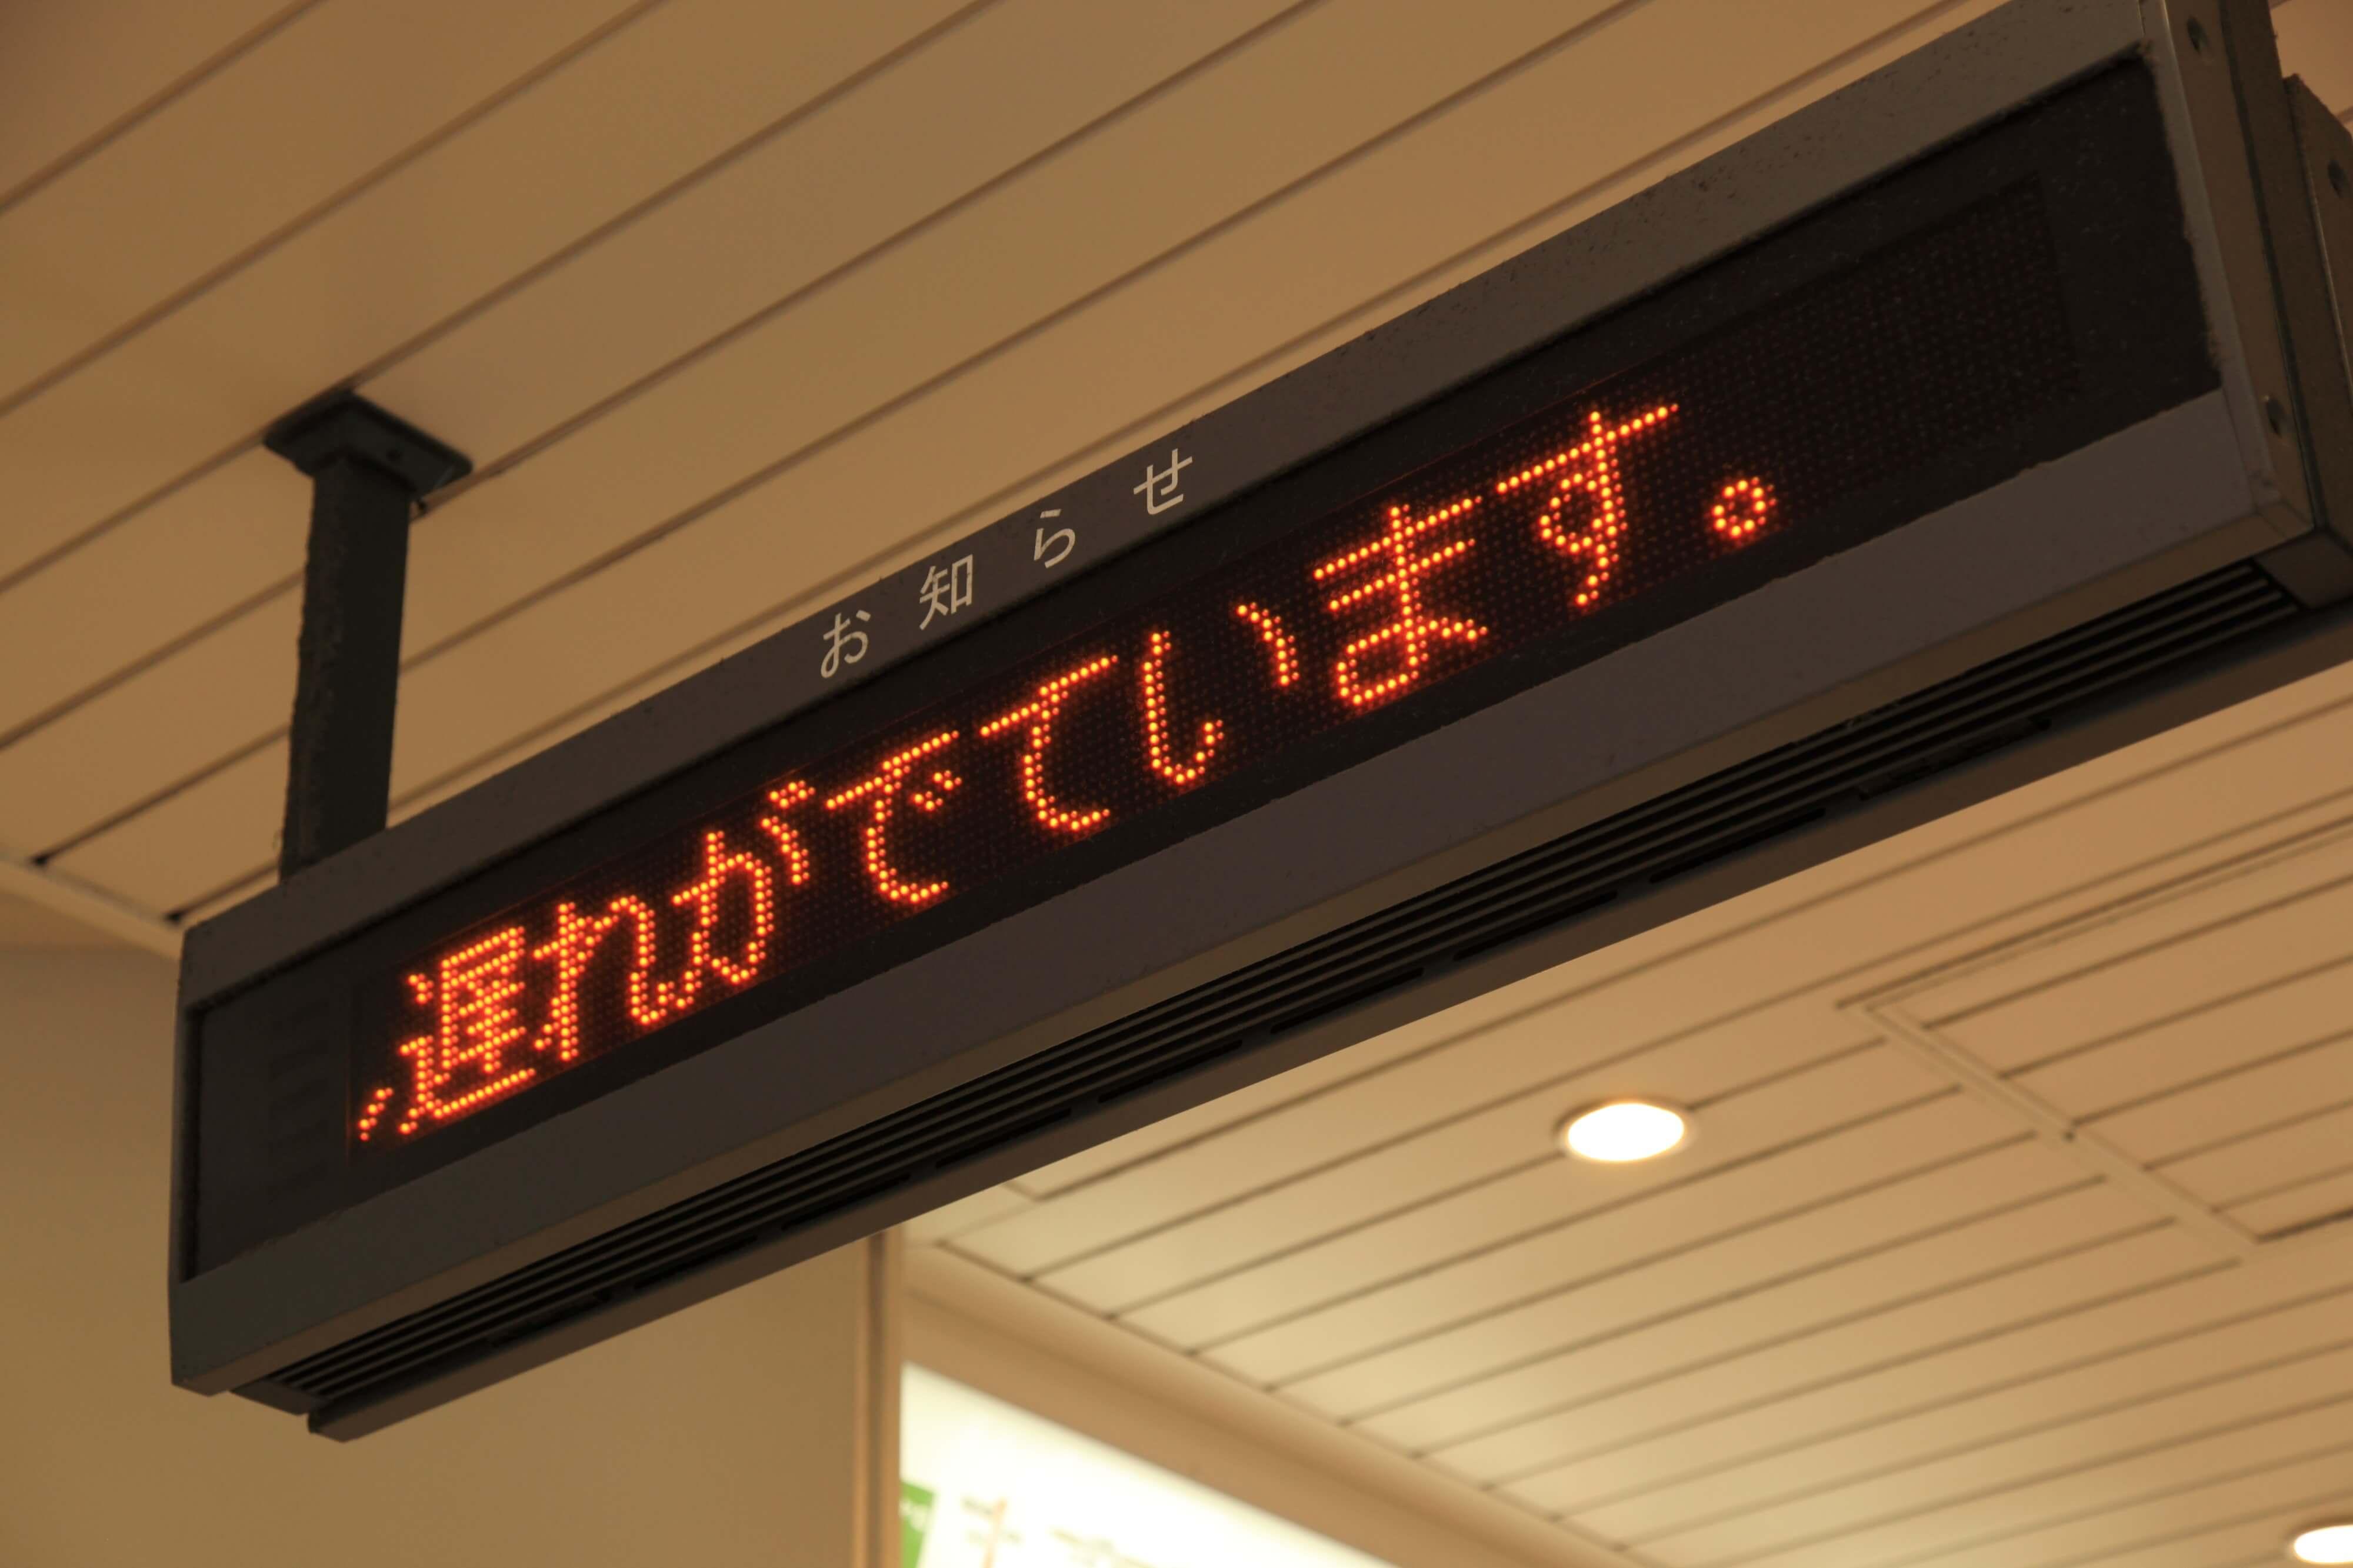 jr 中央 線 遅延 証明